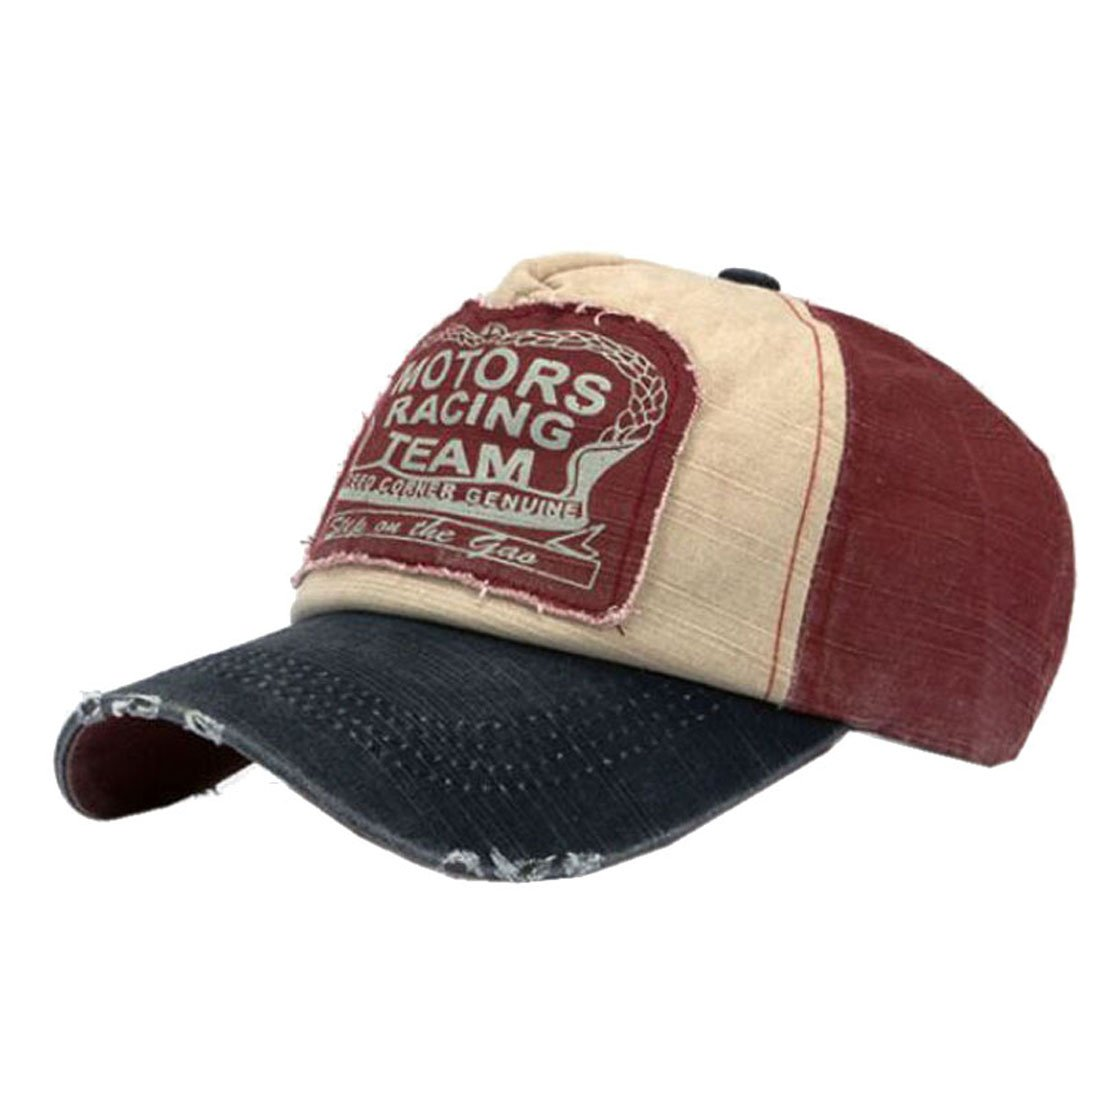 UMIPUBO gorras beisbol deportes unisex adjustable al aire libre cap clásico  algodón sombrero motocicleta gorras de ee4e9a10f7b